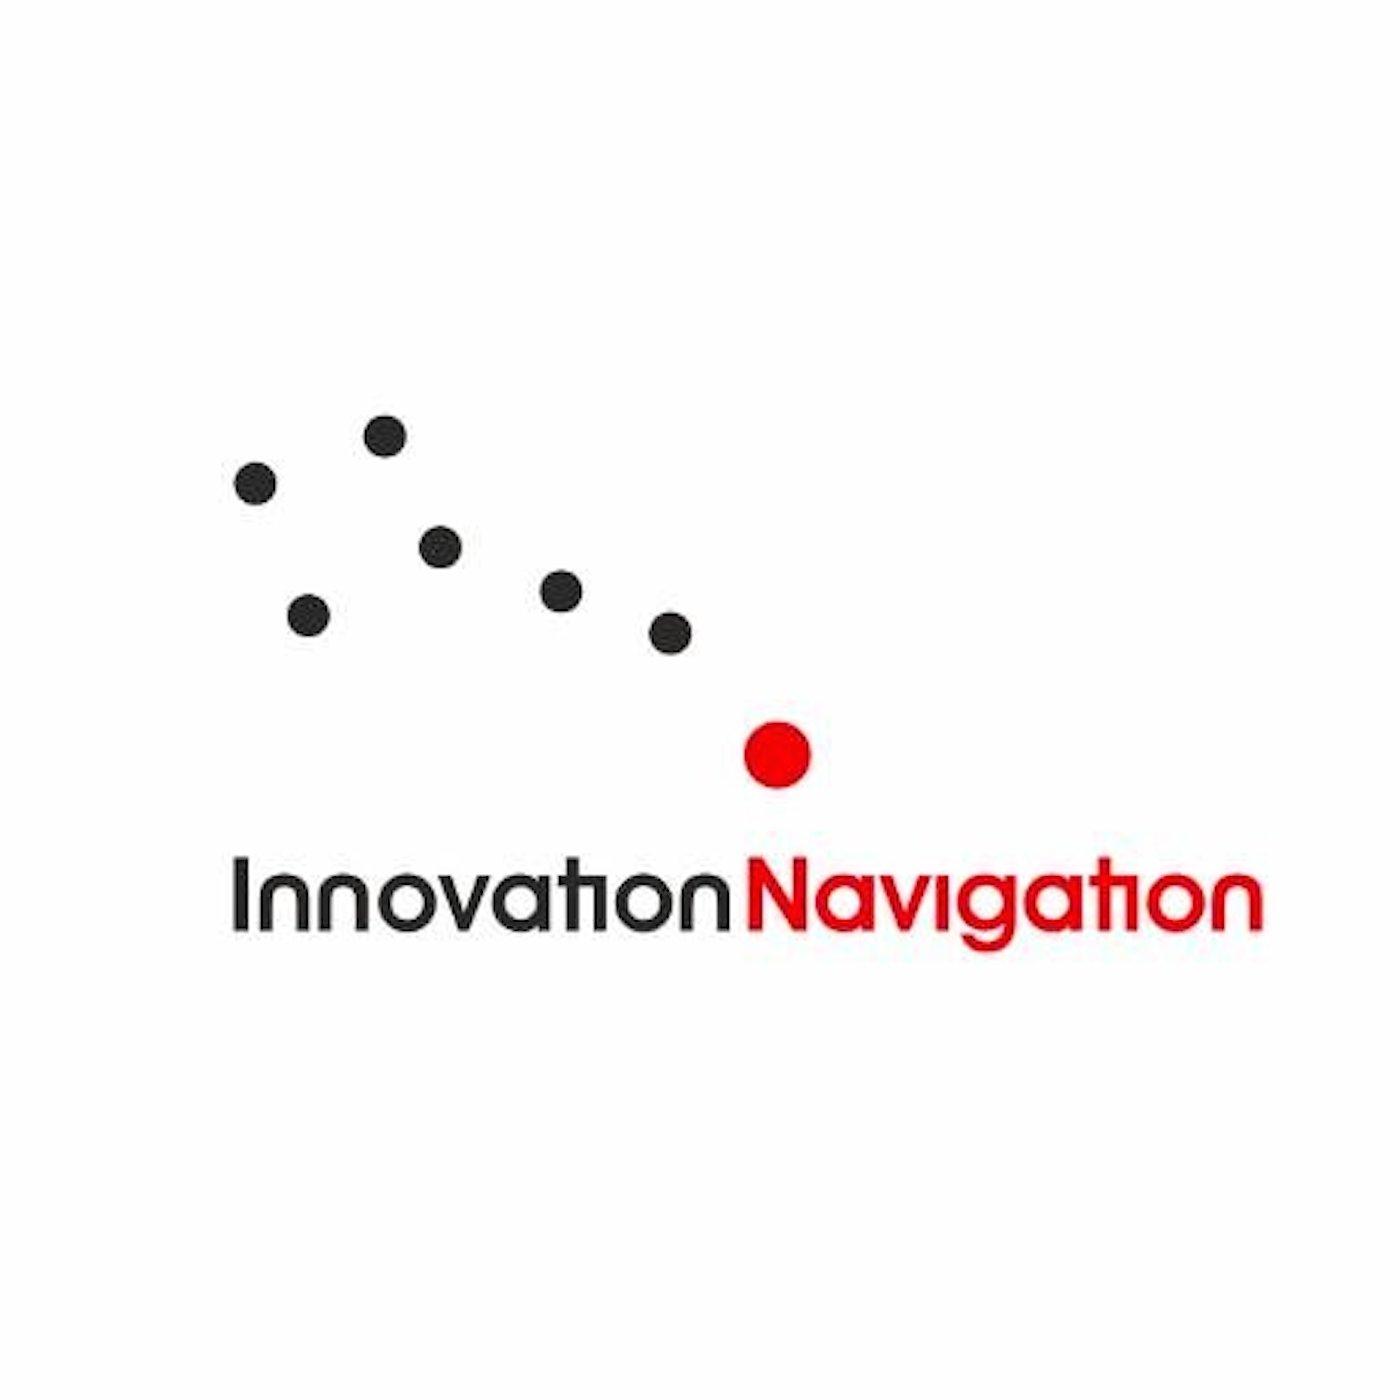 5/19/15 - Making Great Ideas Happen, Drones (Scott Belsky, Bill Haney, Dr. Ernest Earon, Matthew McCreight)